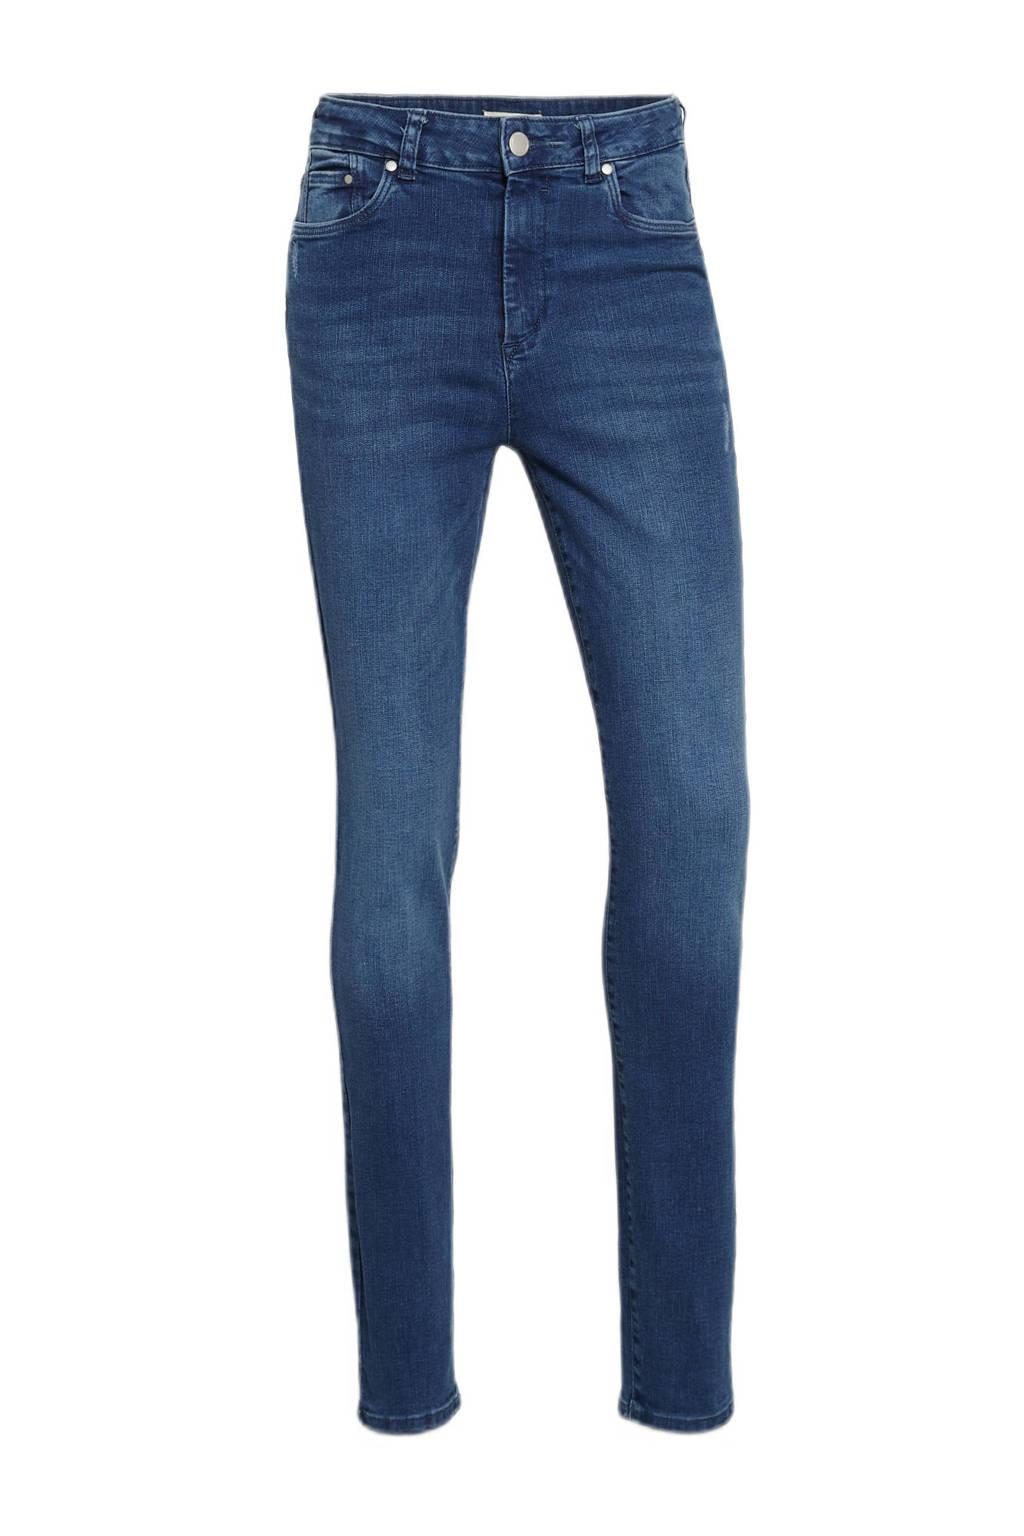 C&A skinny jeans met biologisch katoen blauw, Blauw